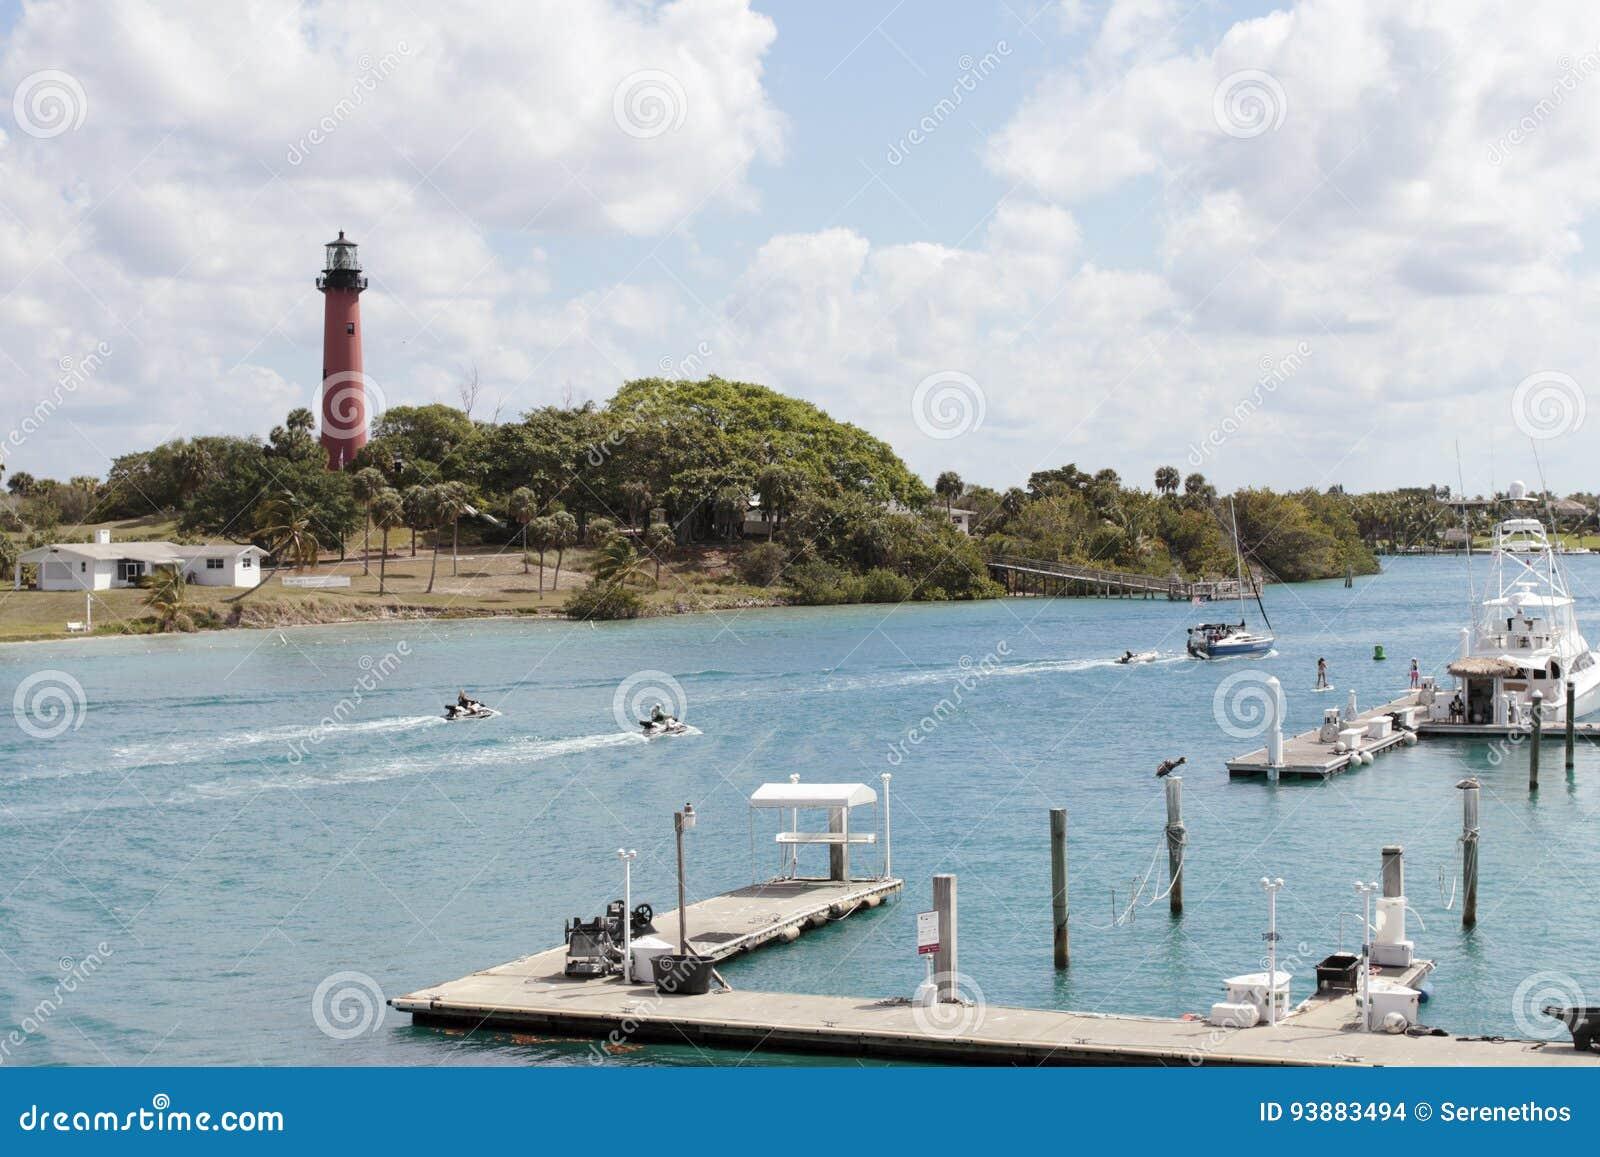 Jupiter Florida Inlet